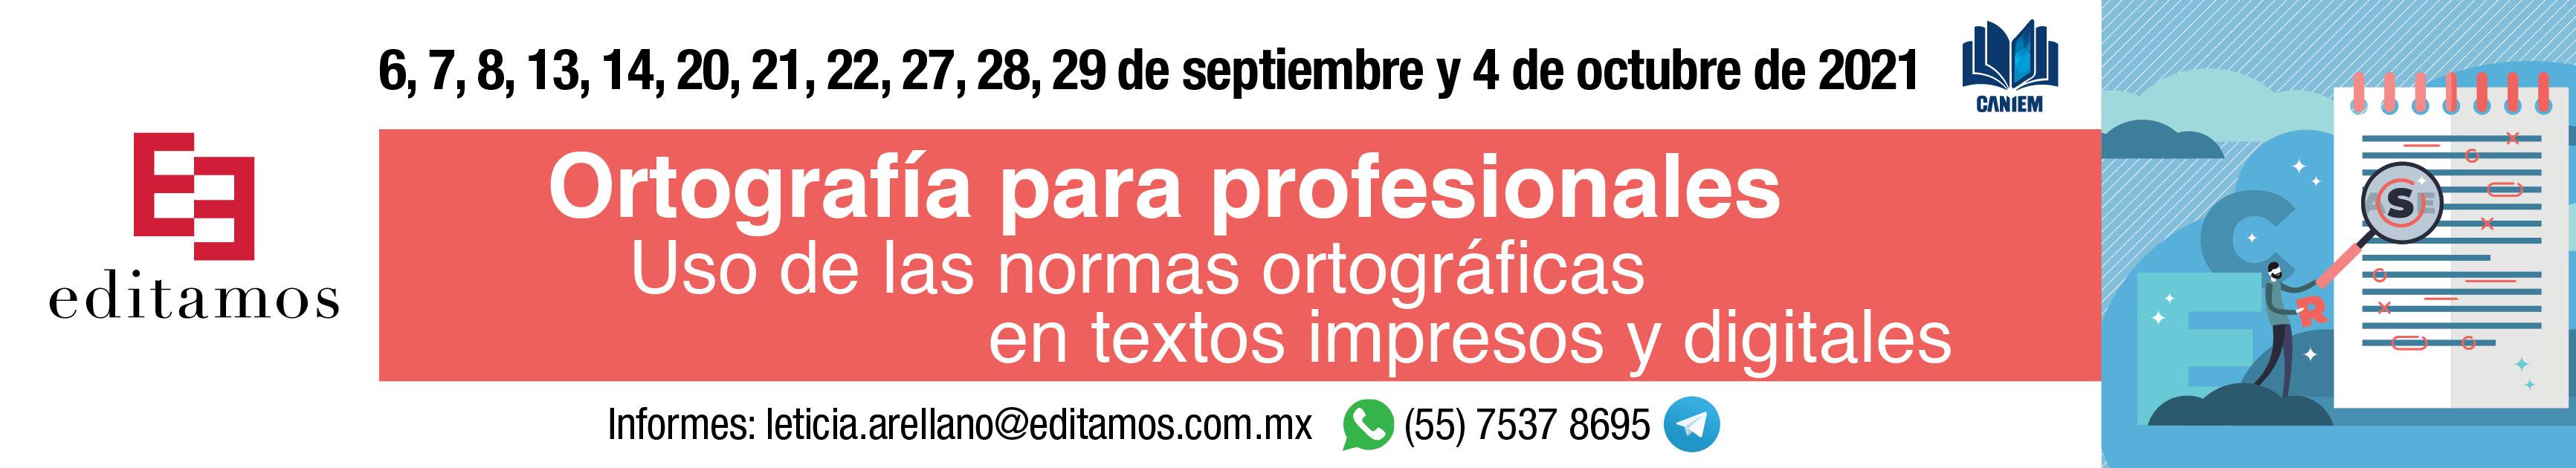 Ortografía_para_profesionales_Carrusel